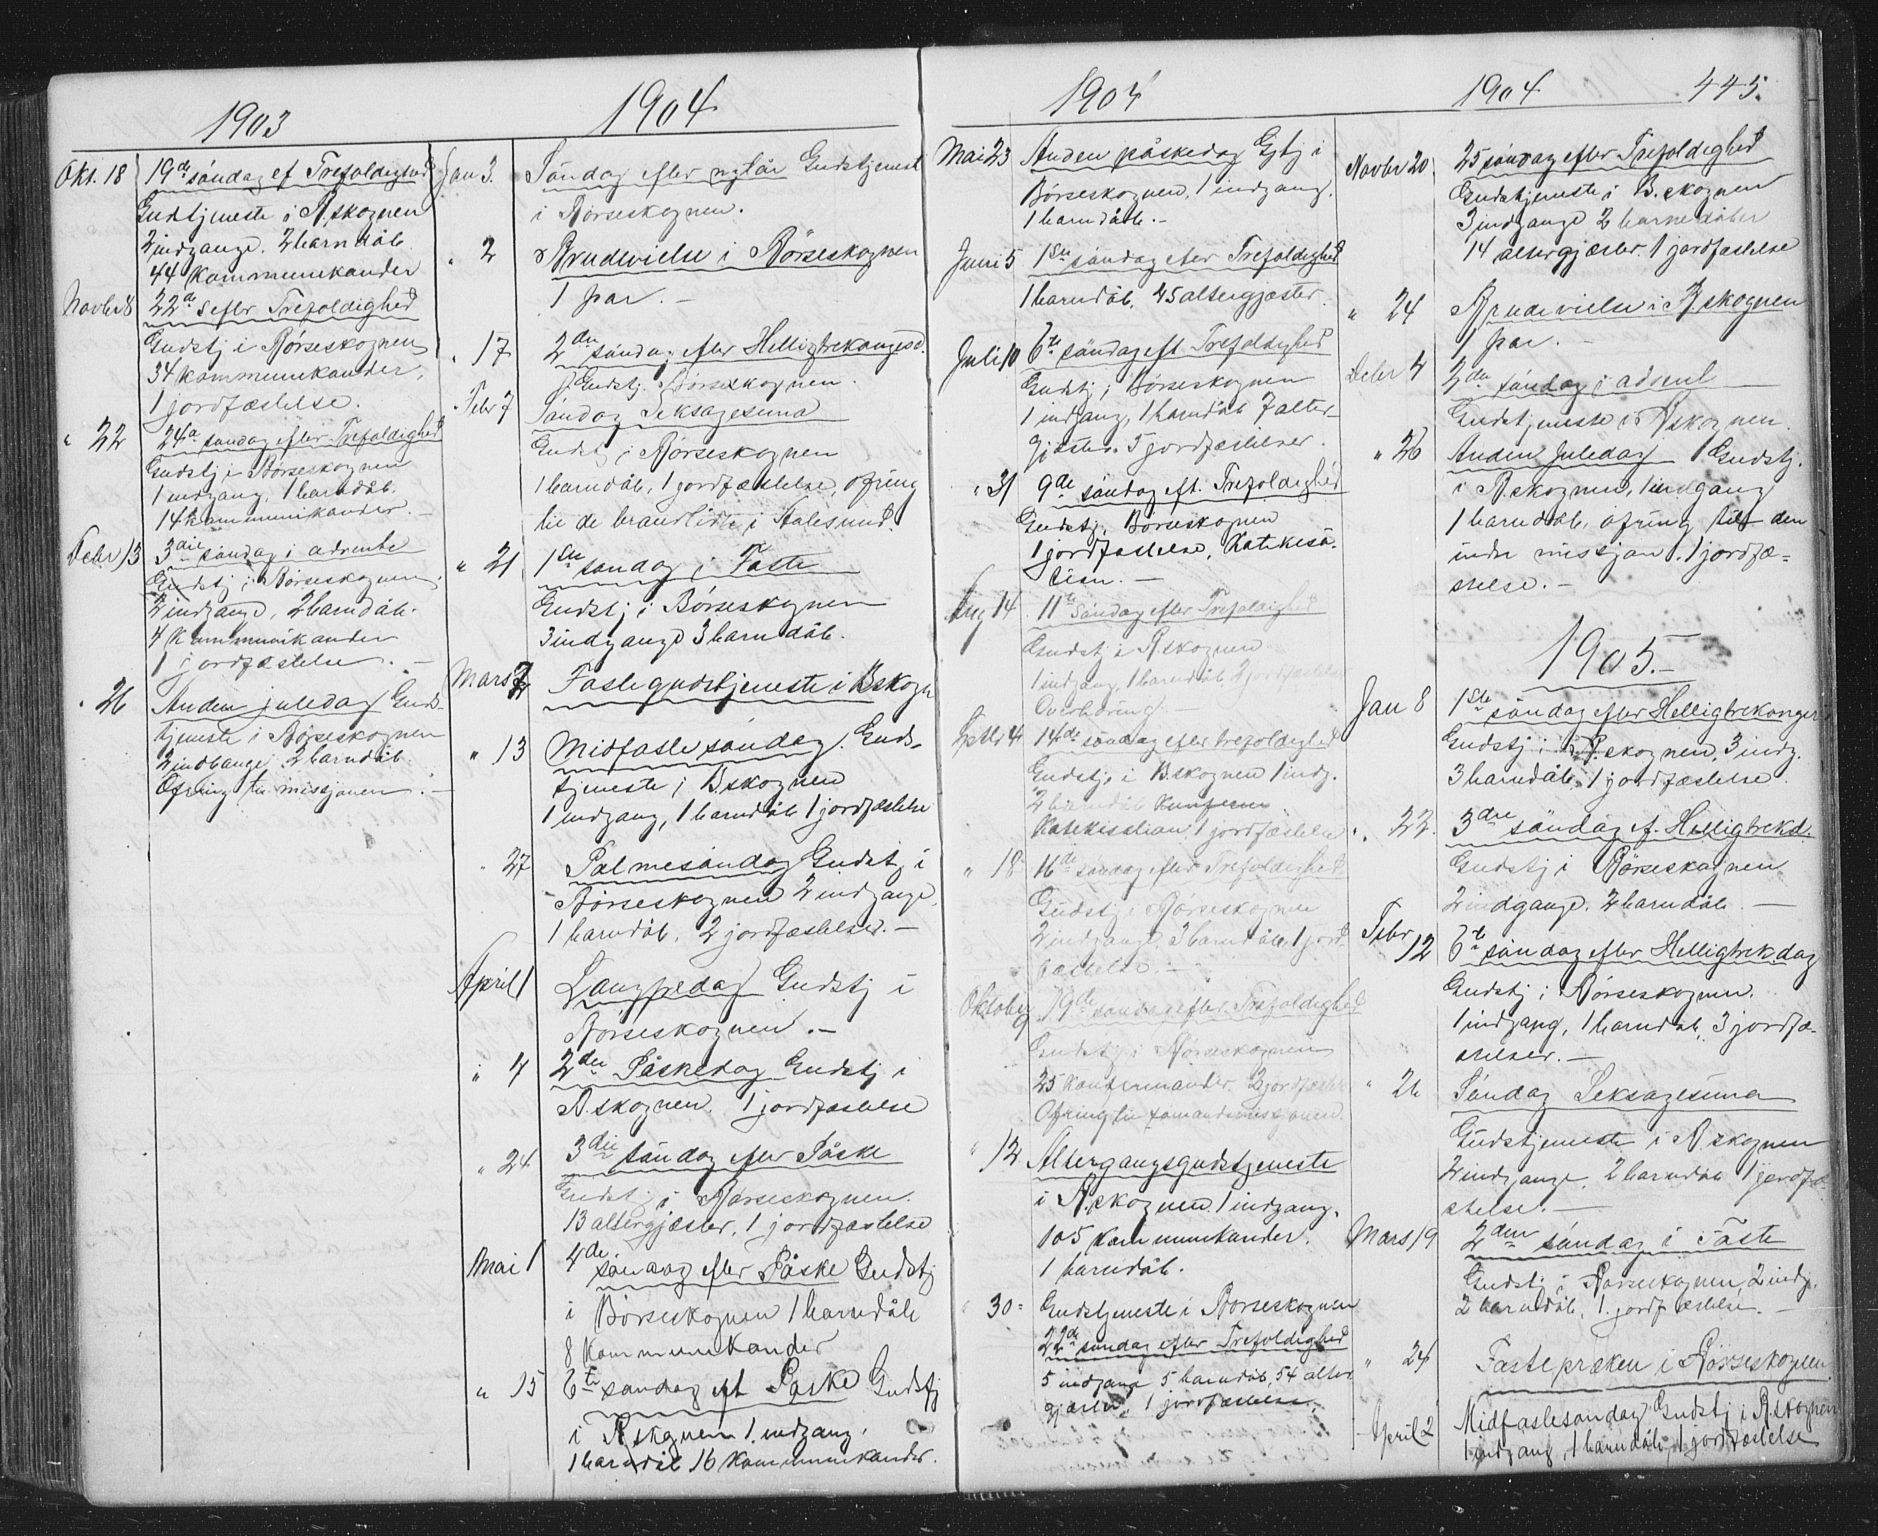 SAT, Ministerialprotokoller, klokkerbøker og fødselsregistre - Sør-Trøndelag, 667/L0798: Klokkerbok nr. 667C03, 1867-1929, s. 445